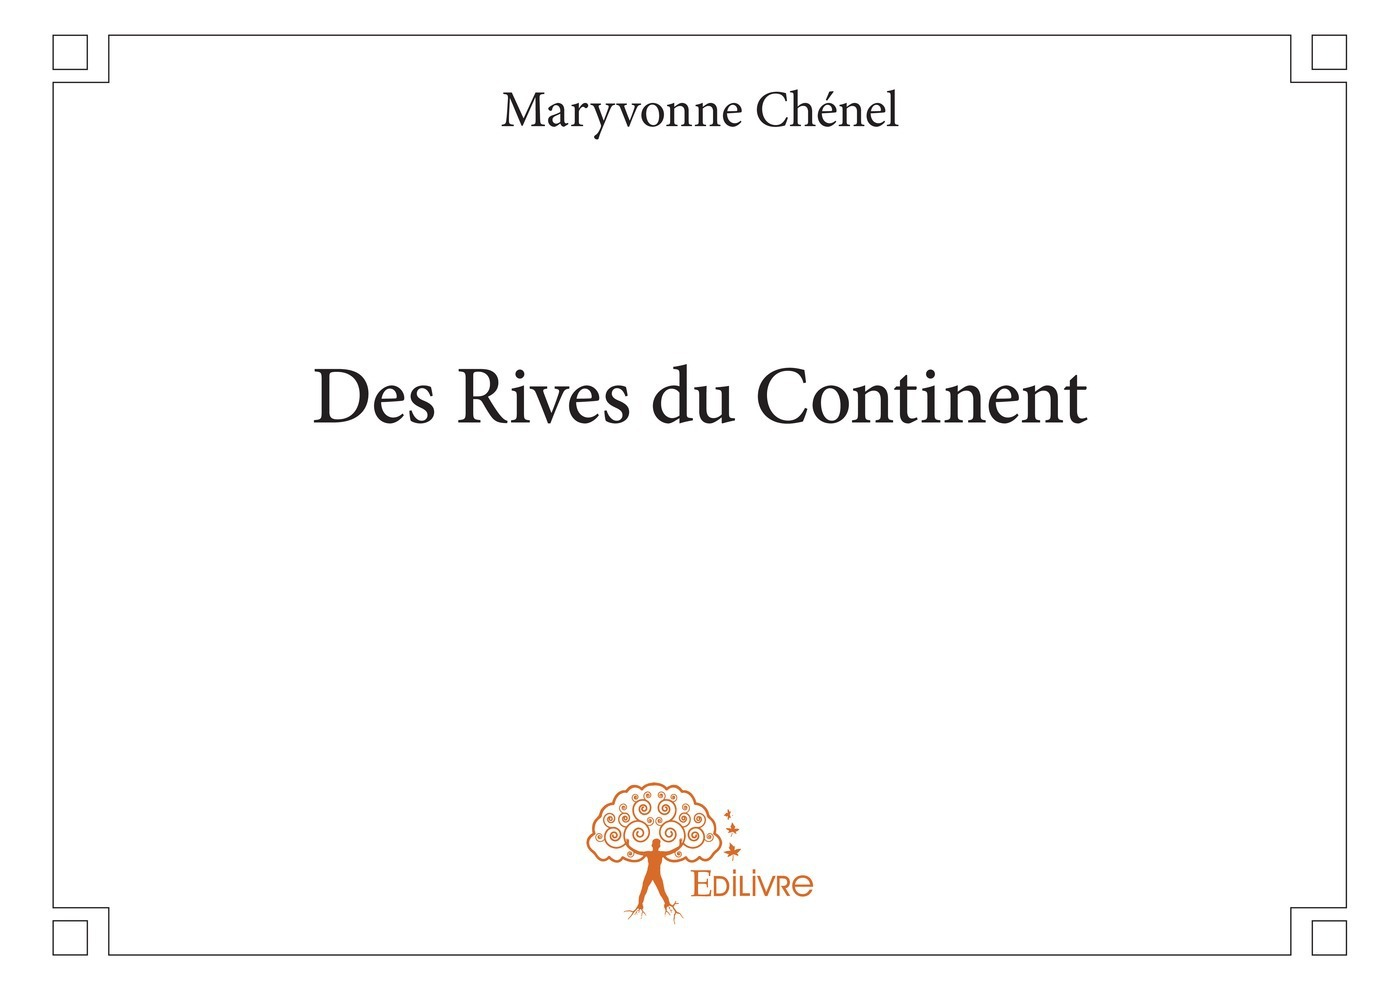 Maryvonne Chénel Des Rives du Continent